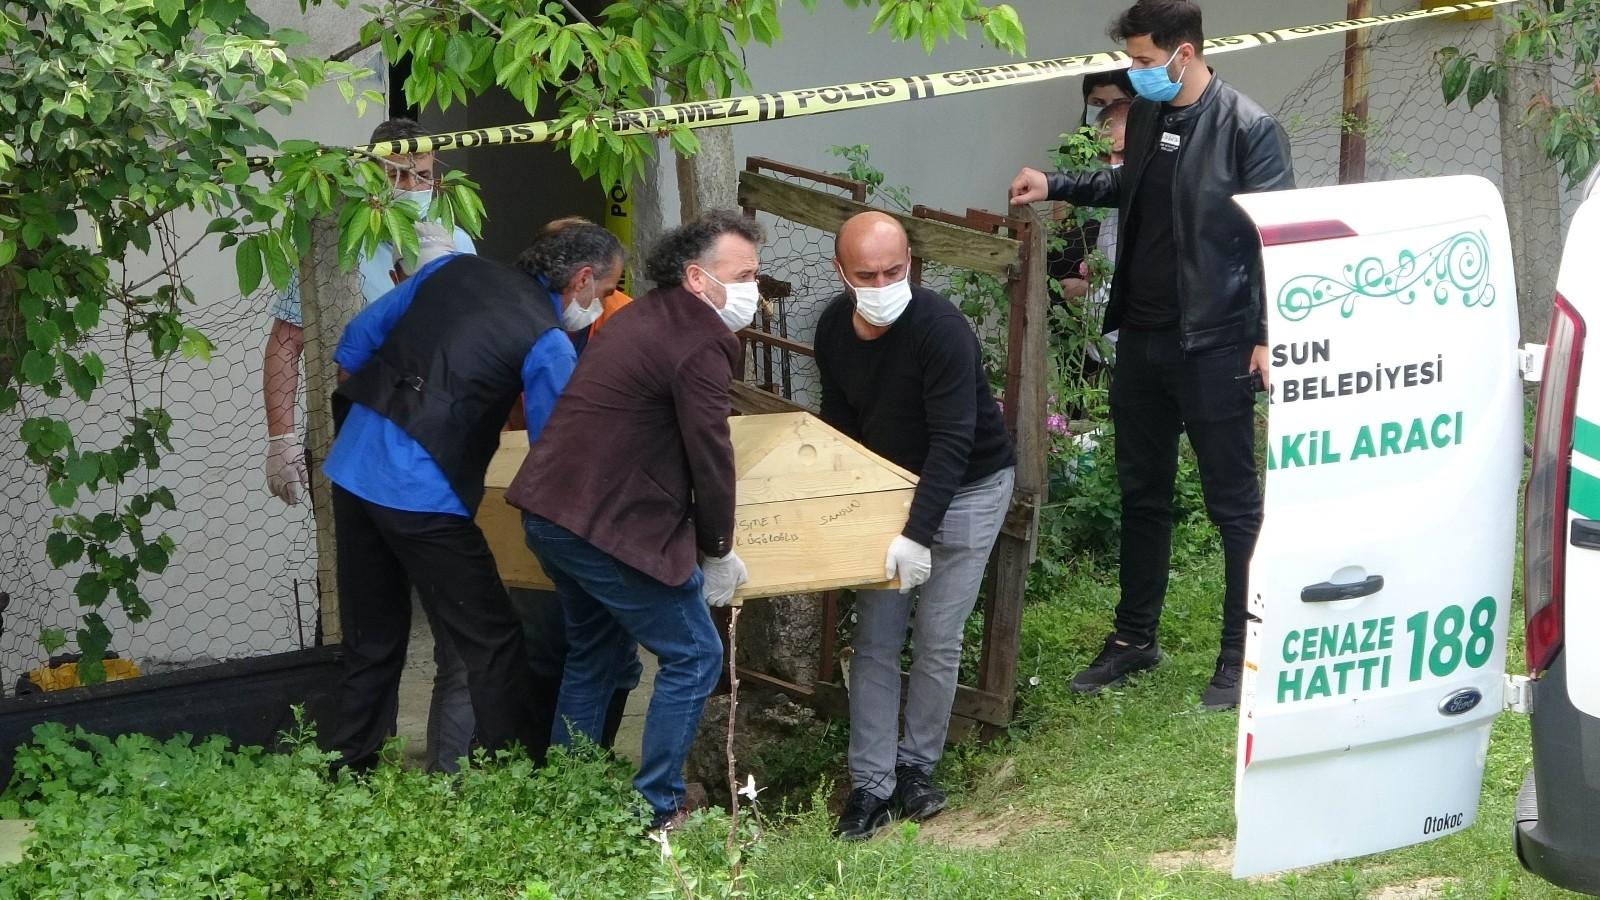 Önce eşini sonra kendini vuran çiftin cesetleri otopsi için morga kaldırıldı